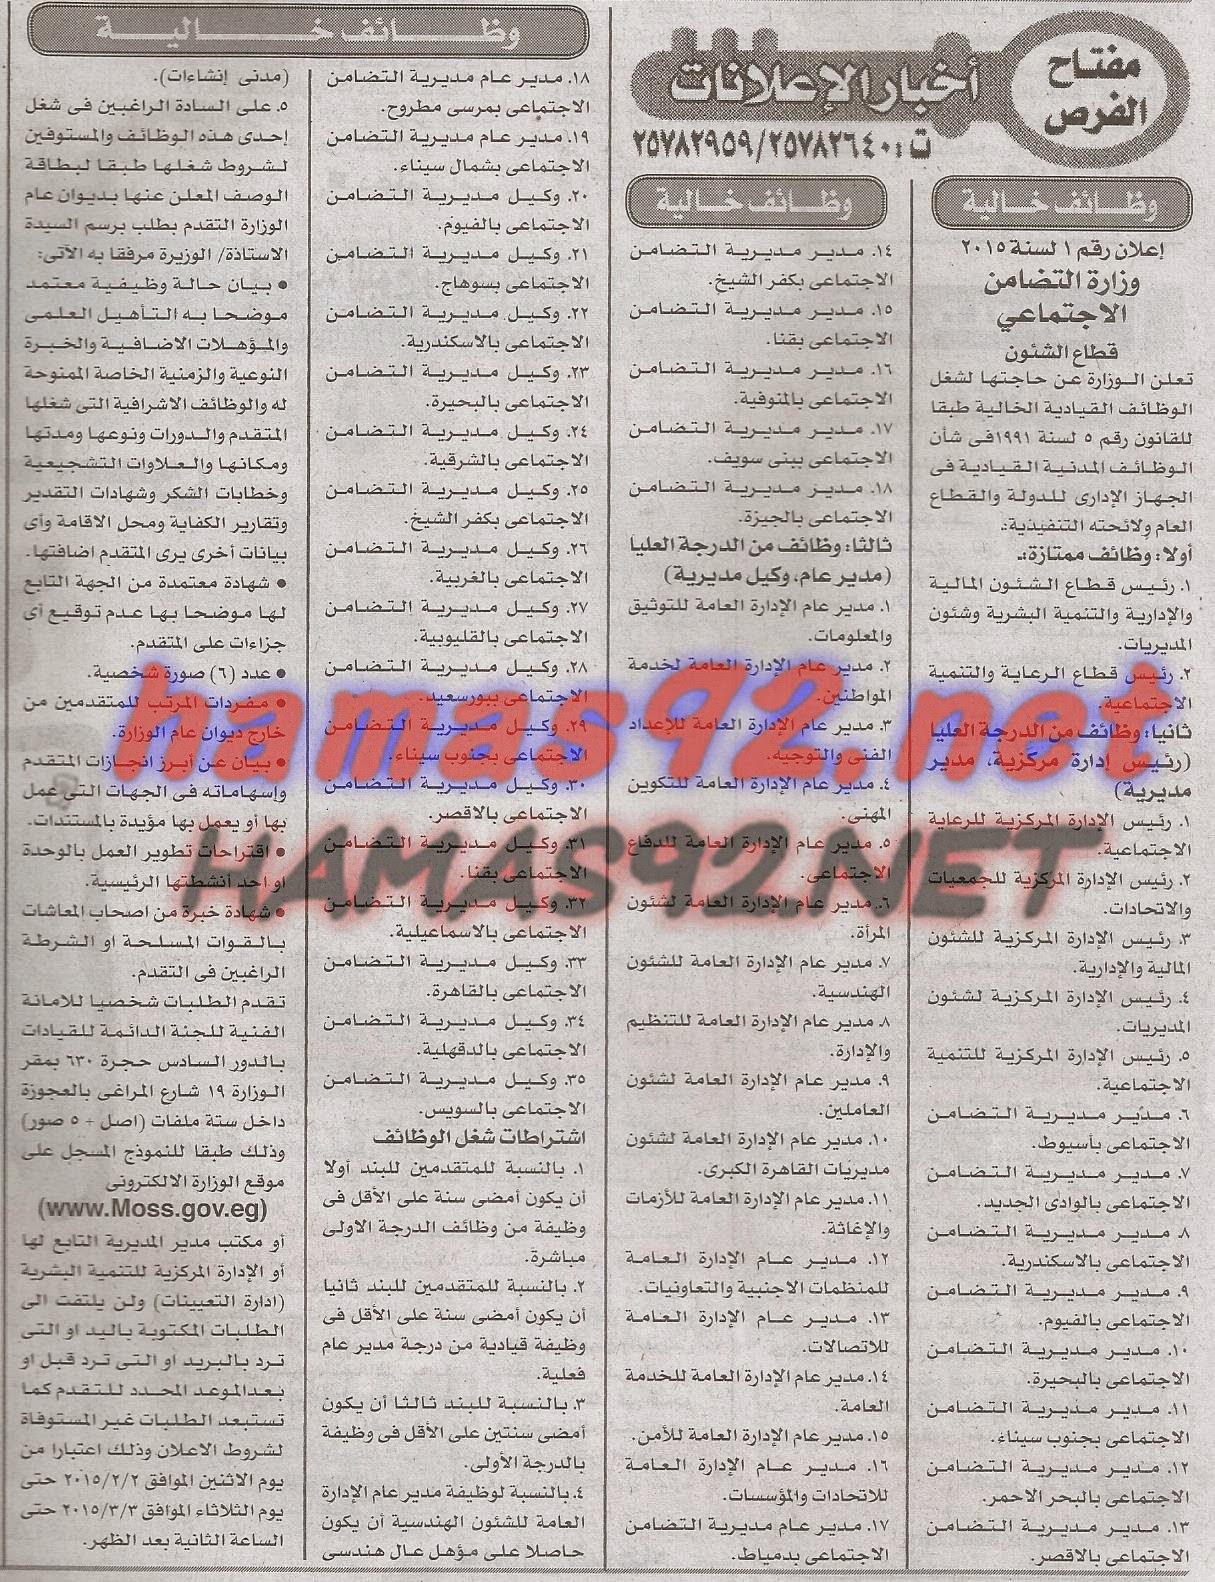 وظائف خالية من جريدة الاخبار الجمعة 30-01-2015